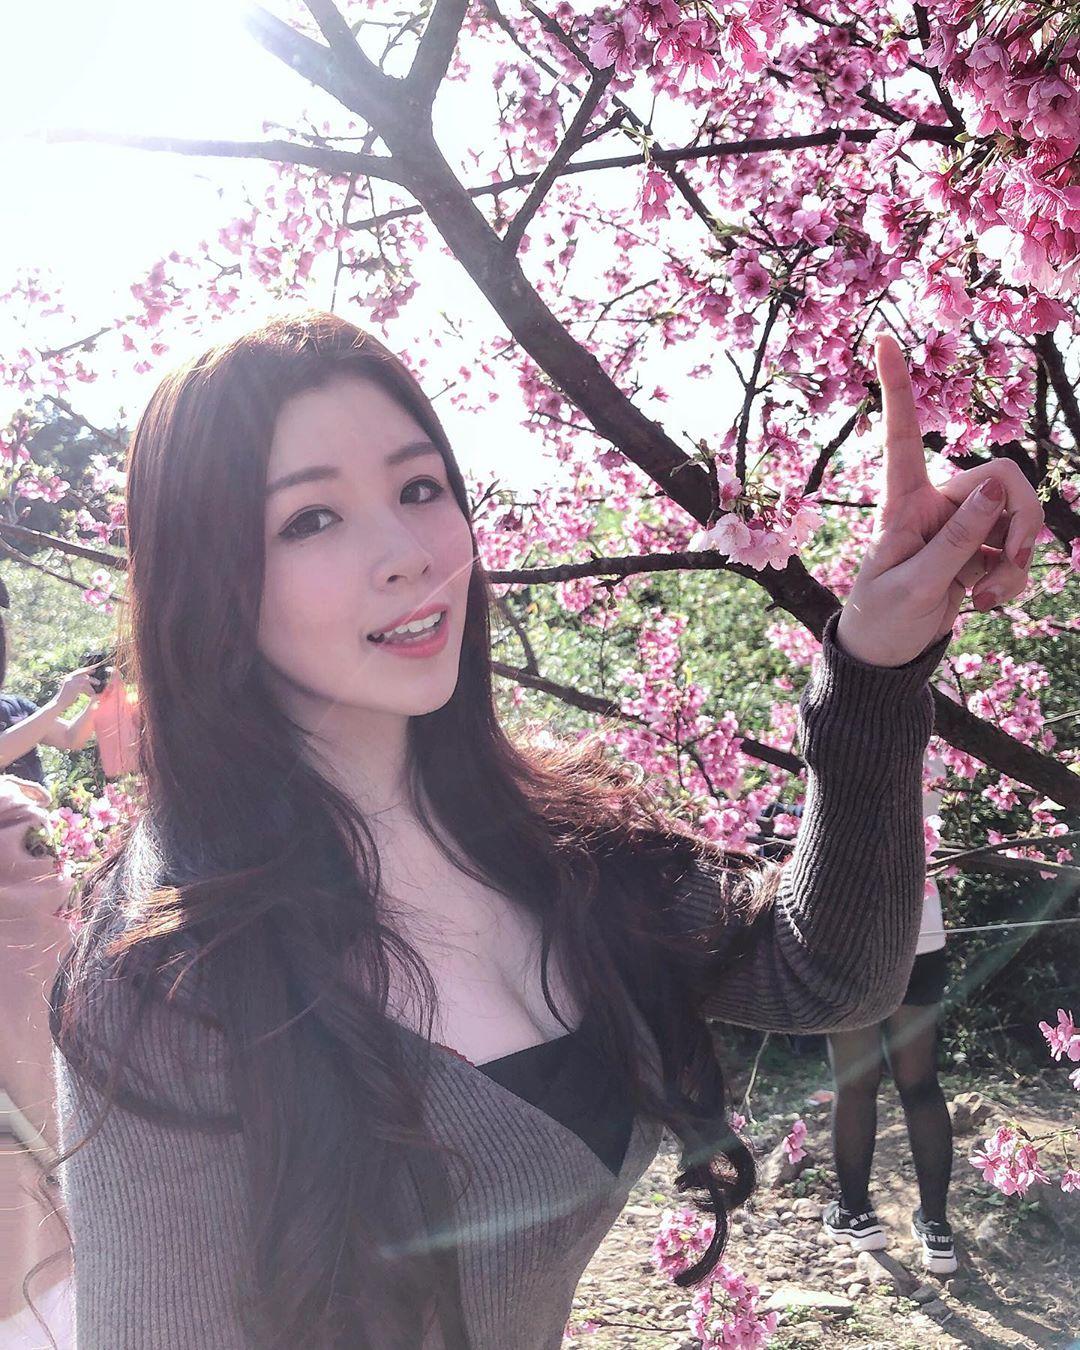 甜心正妹蔡宥宥  誘人深溝吸引眾人的目光 - 美女圖 -